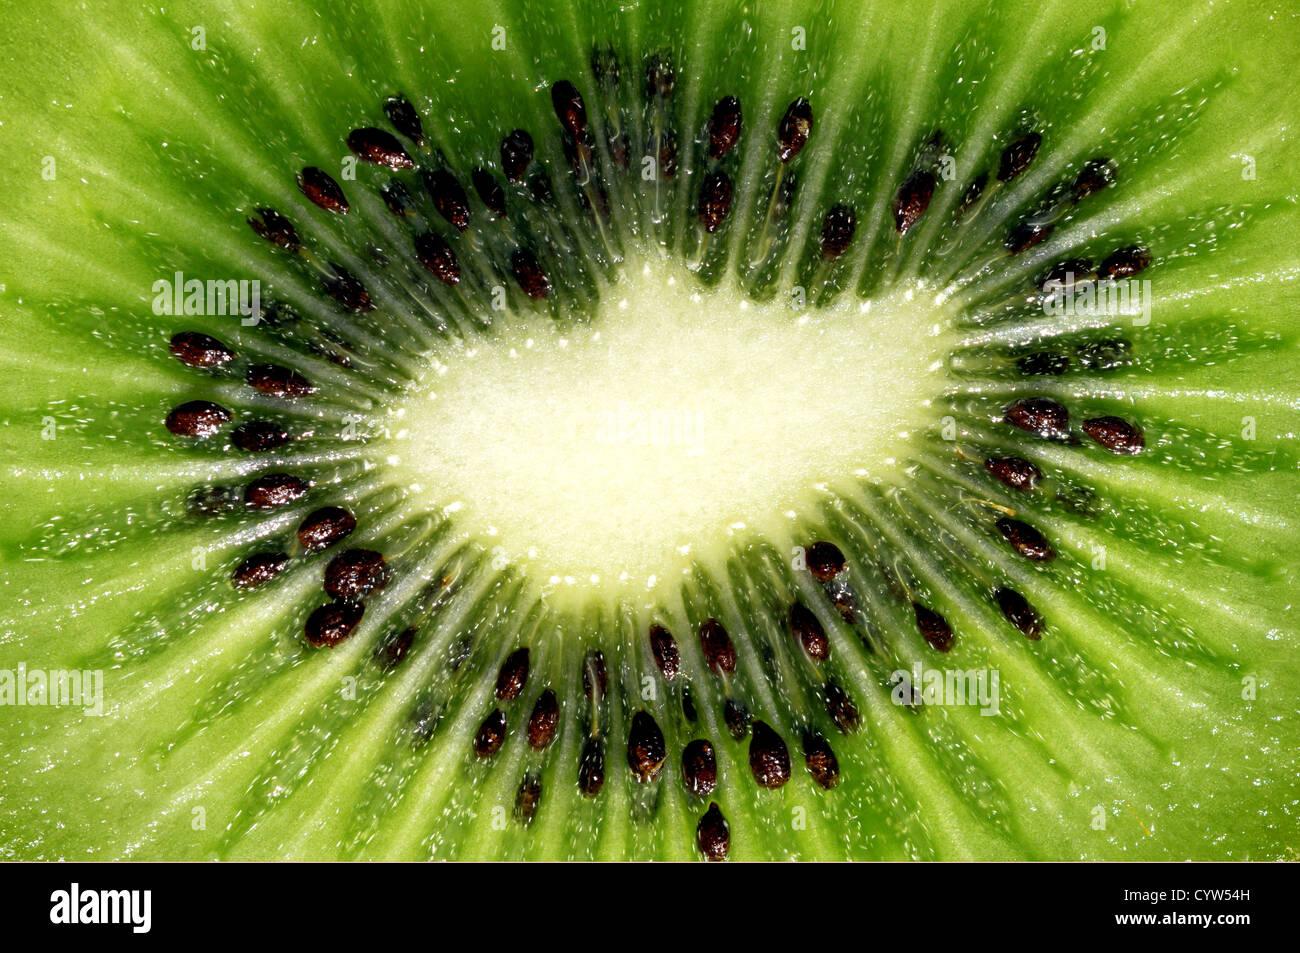 Kiwi fruit slice - Stock Image